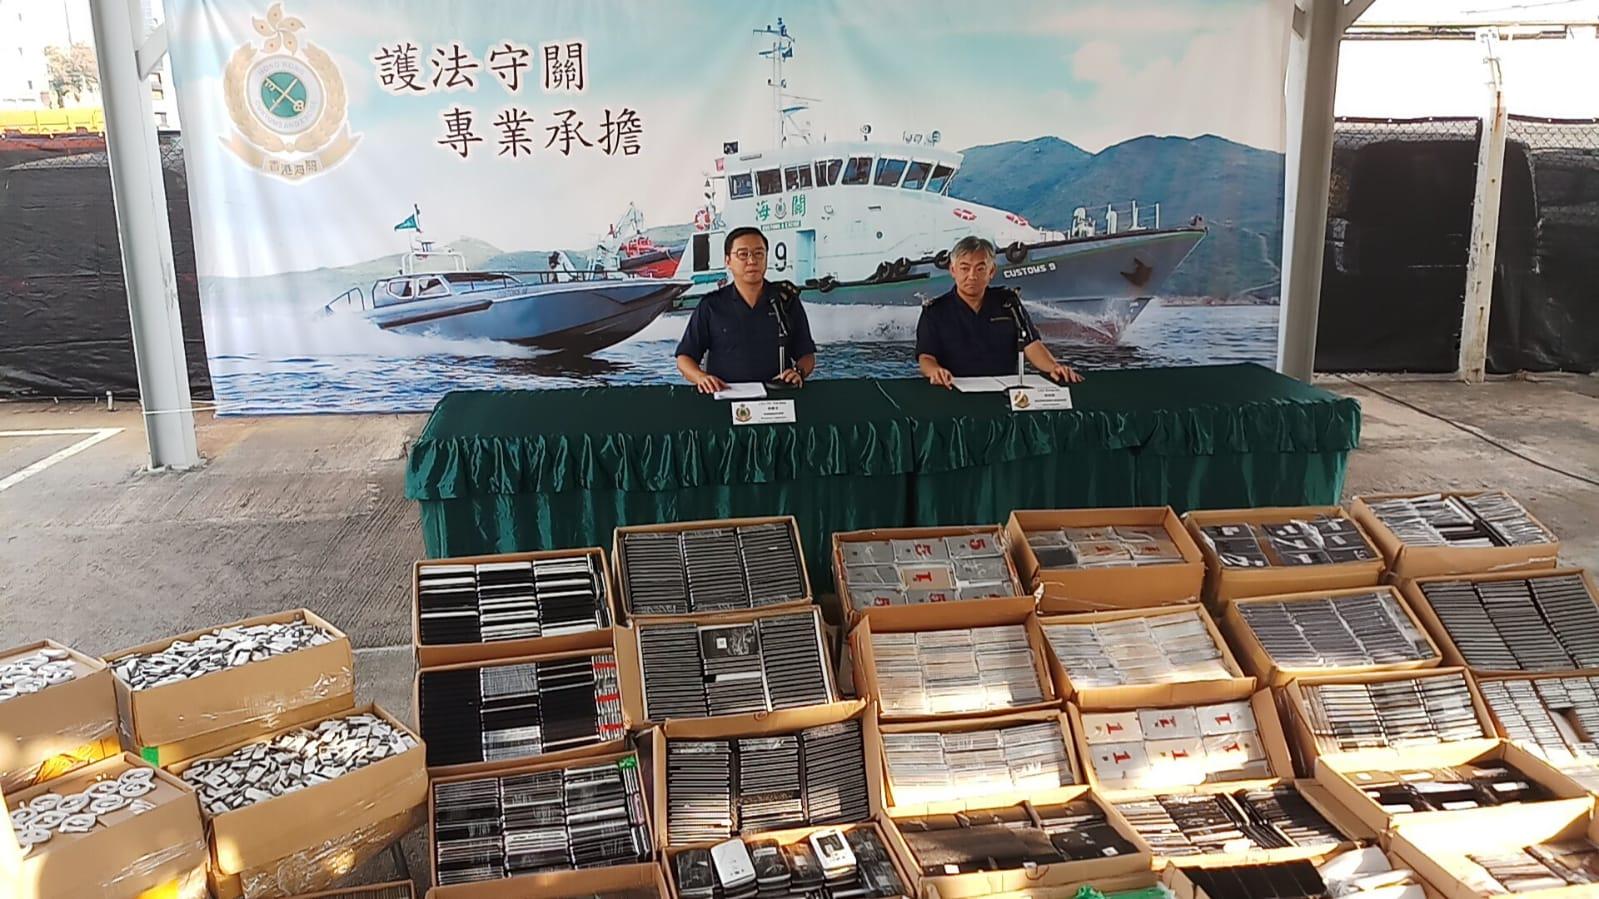 海關偵破一宗涉嫌利用快艇走私案件,檢獲61箱懷疑走私電子產品。